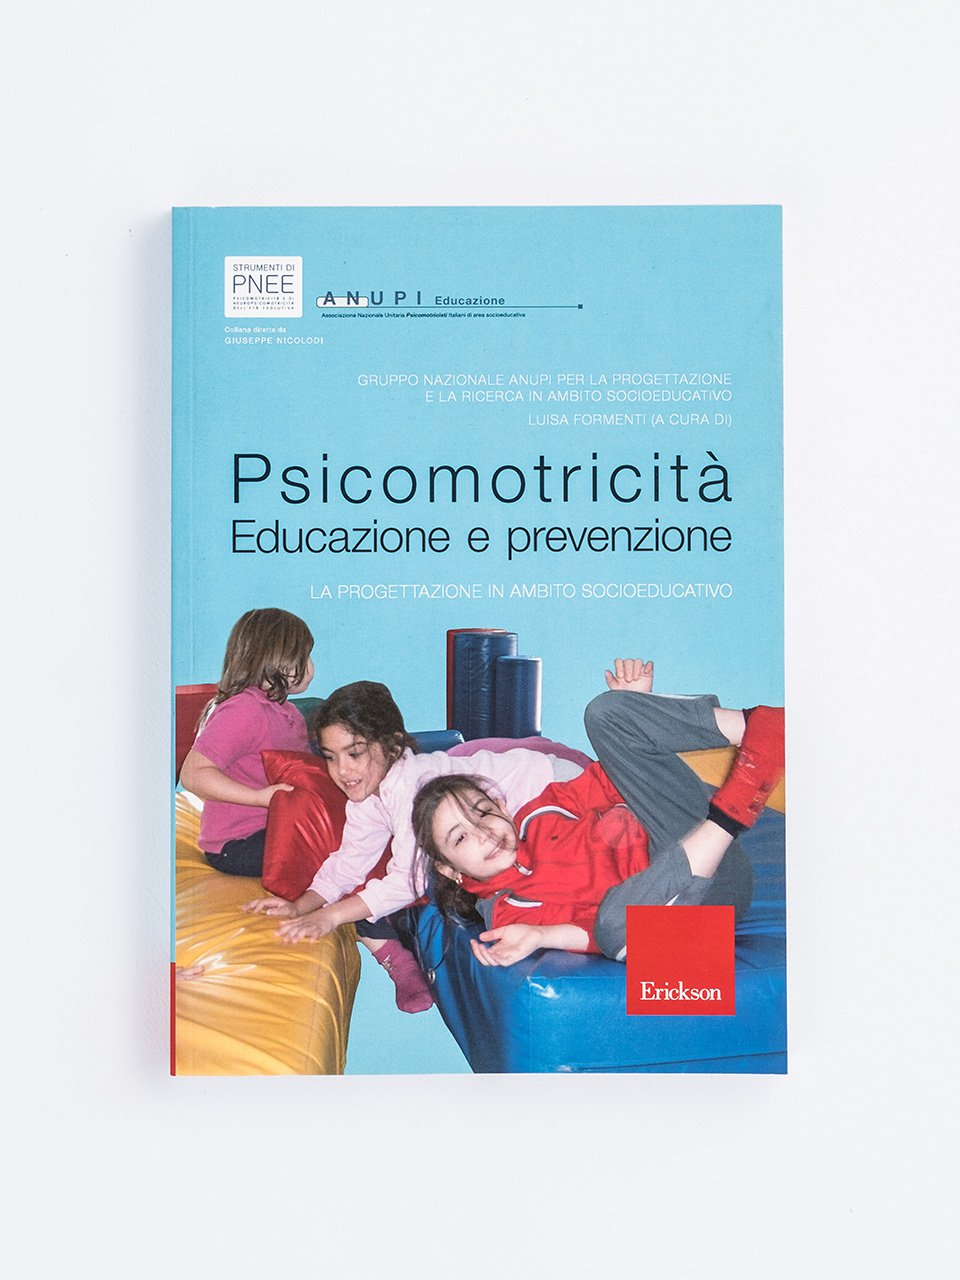 Psicomotricità. Educazione e prevenzione - Educare in natura - Libri - Erickson